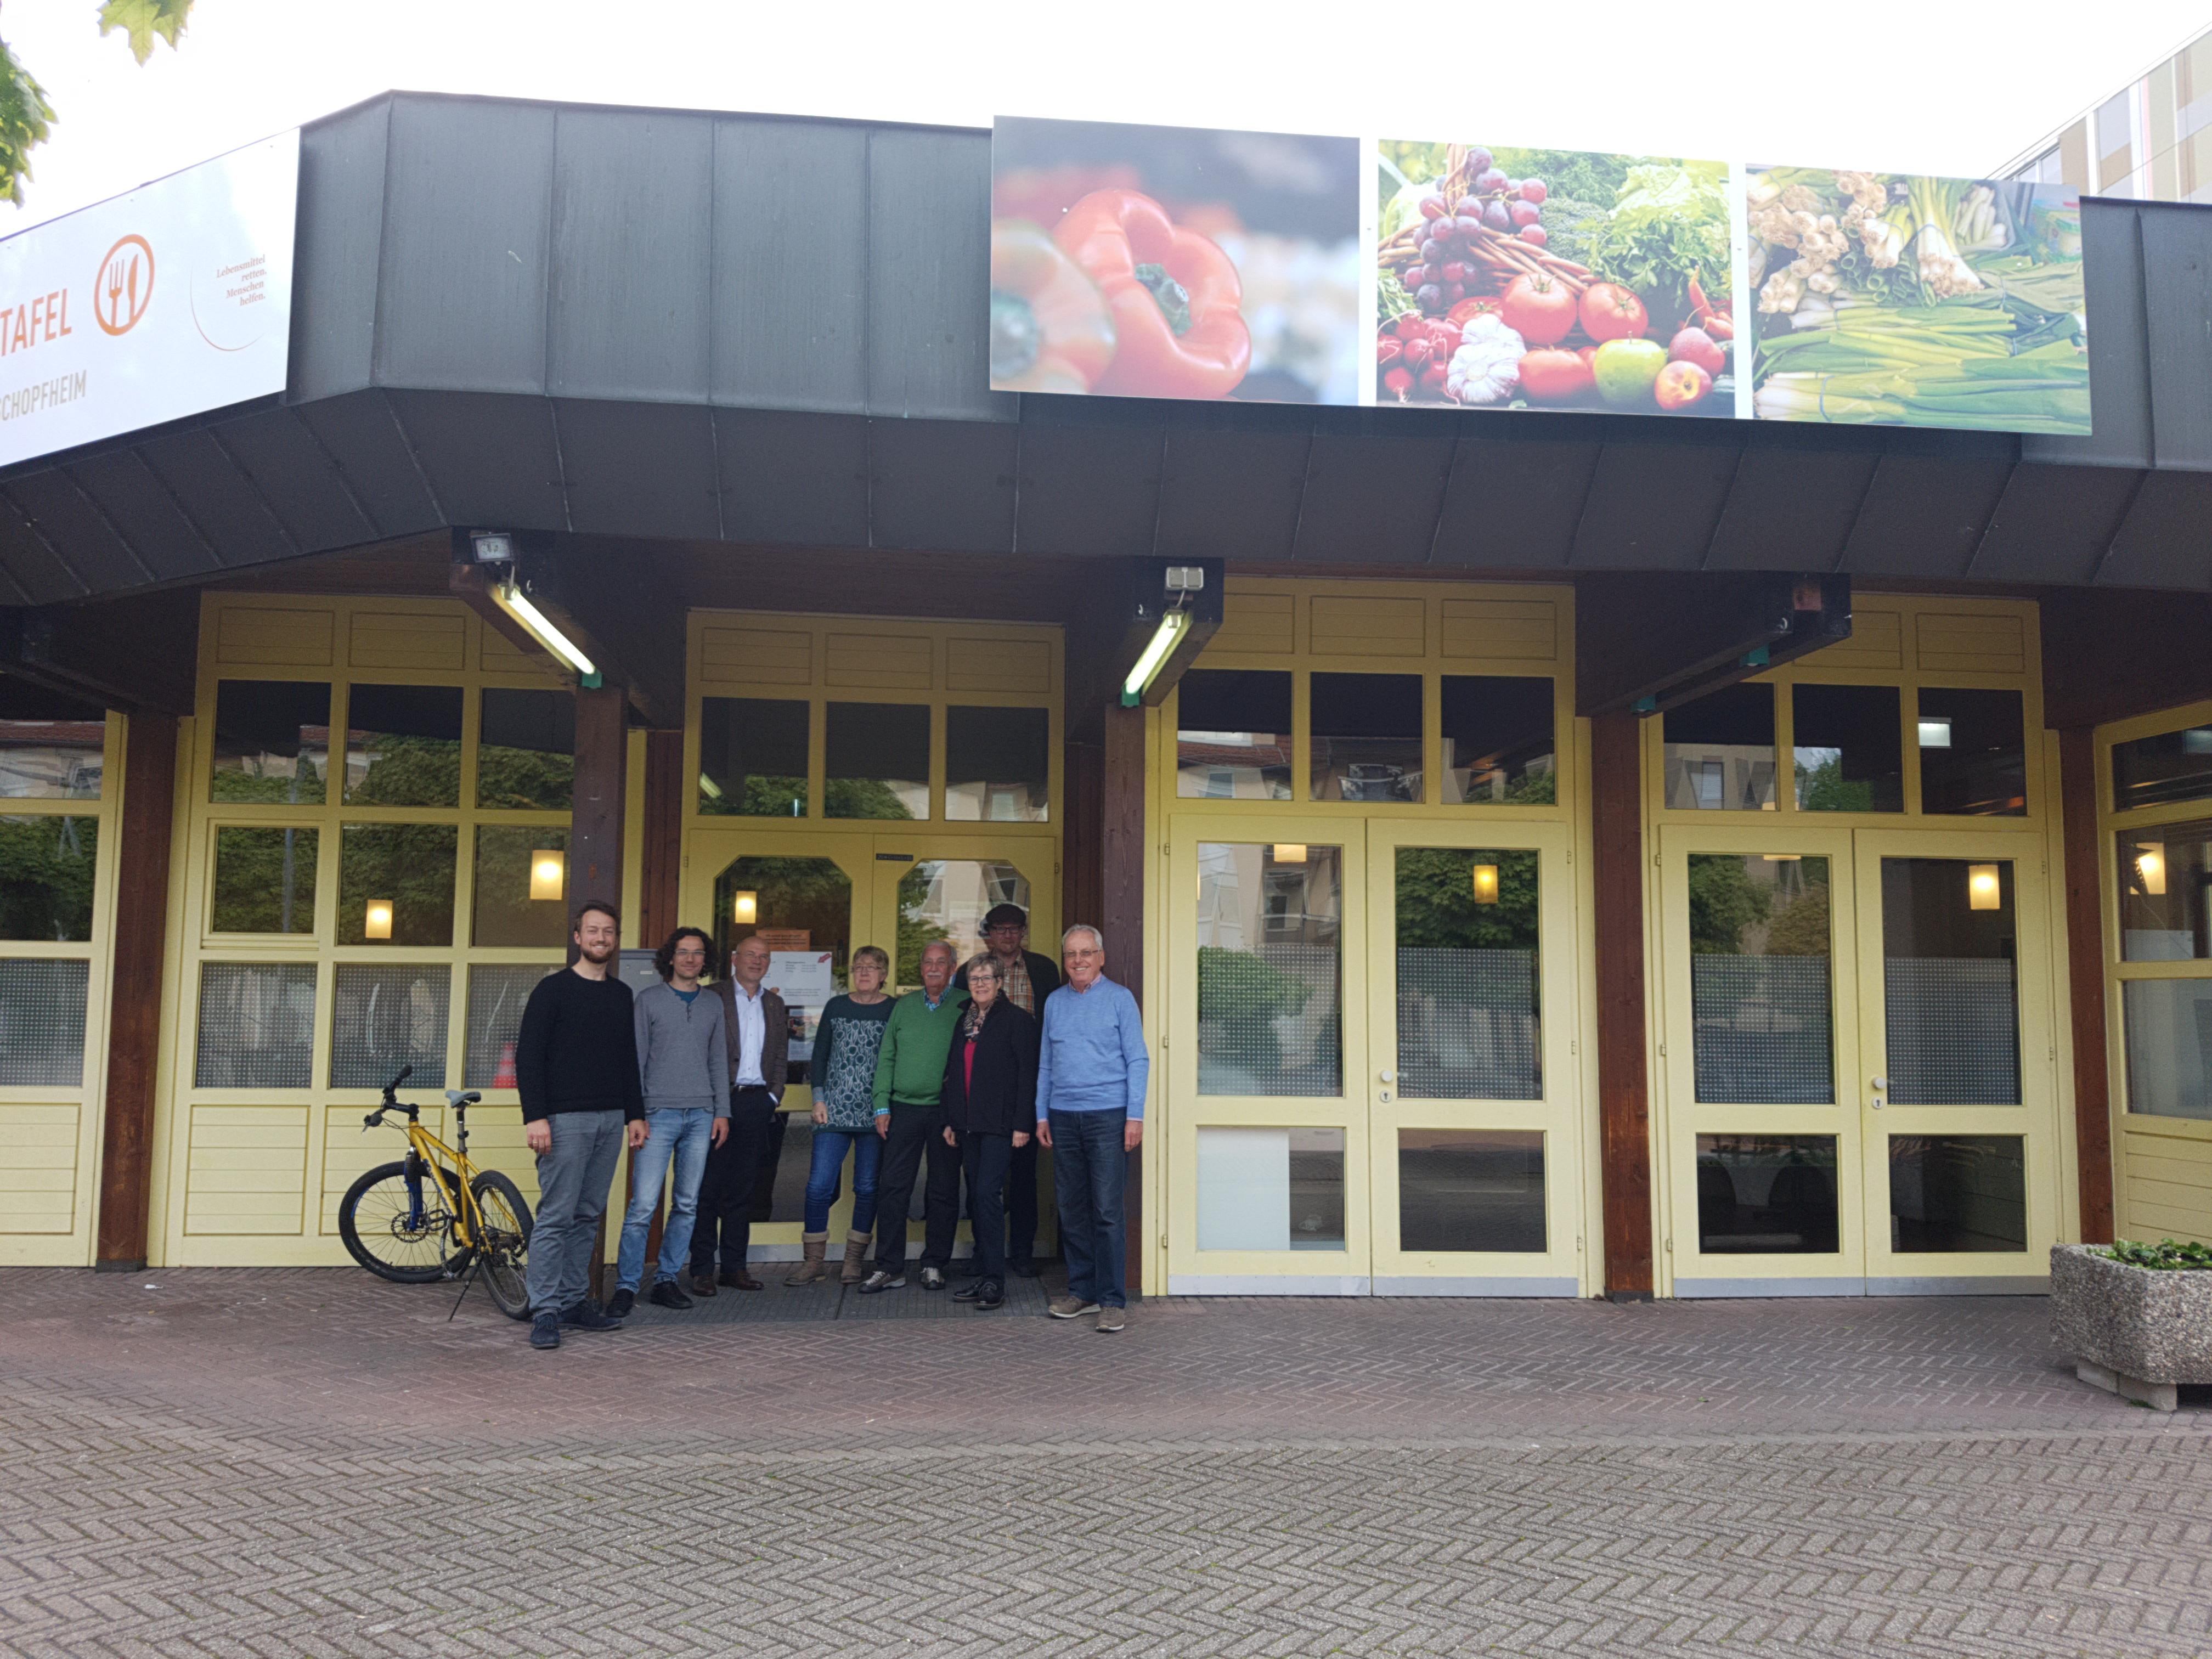 Grüne Schopfheim vor dem Eingang zum Tafelladen